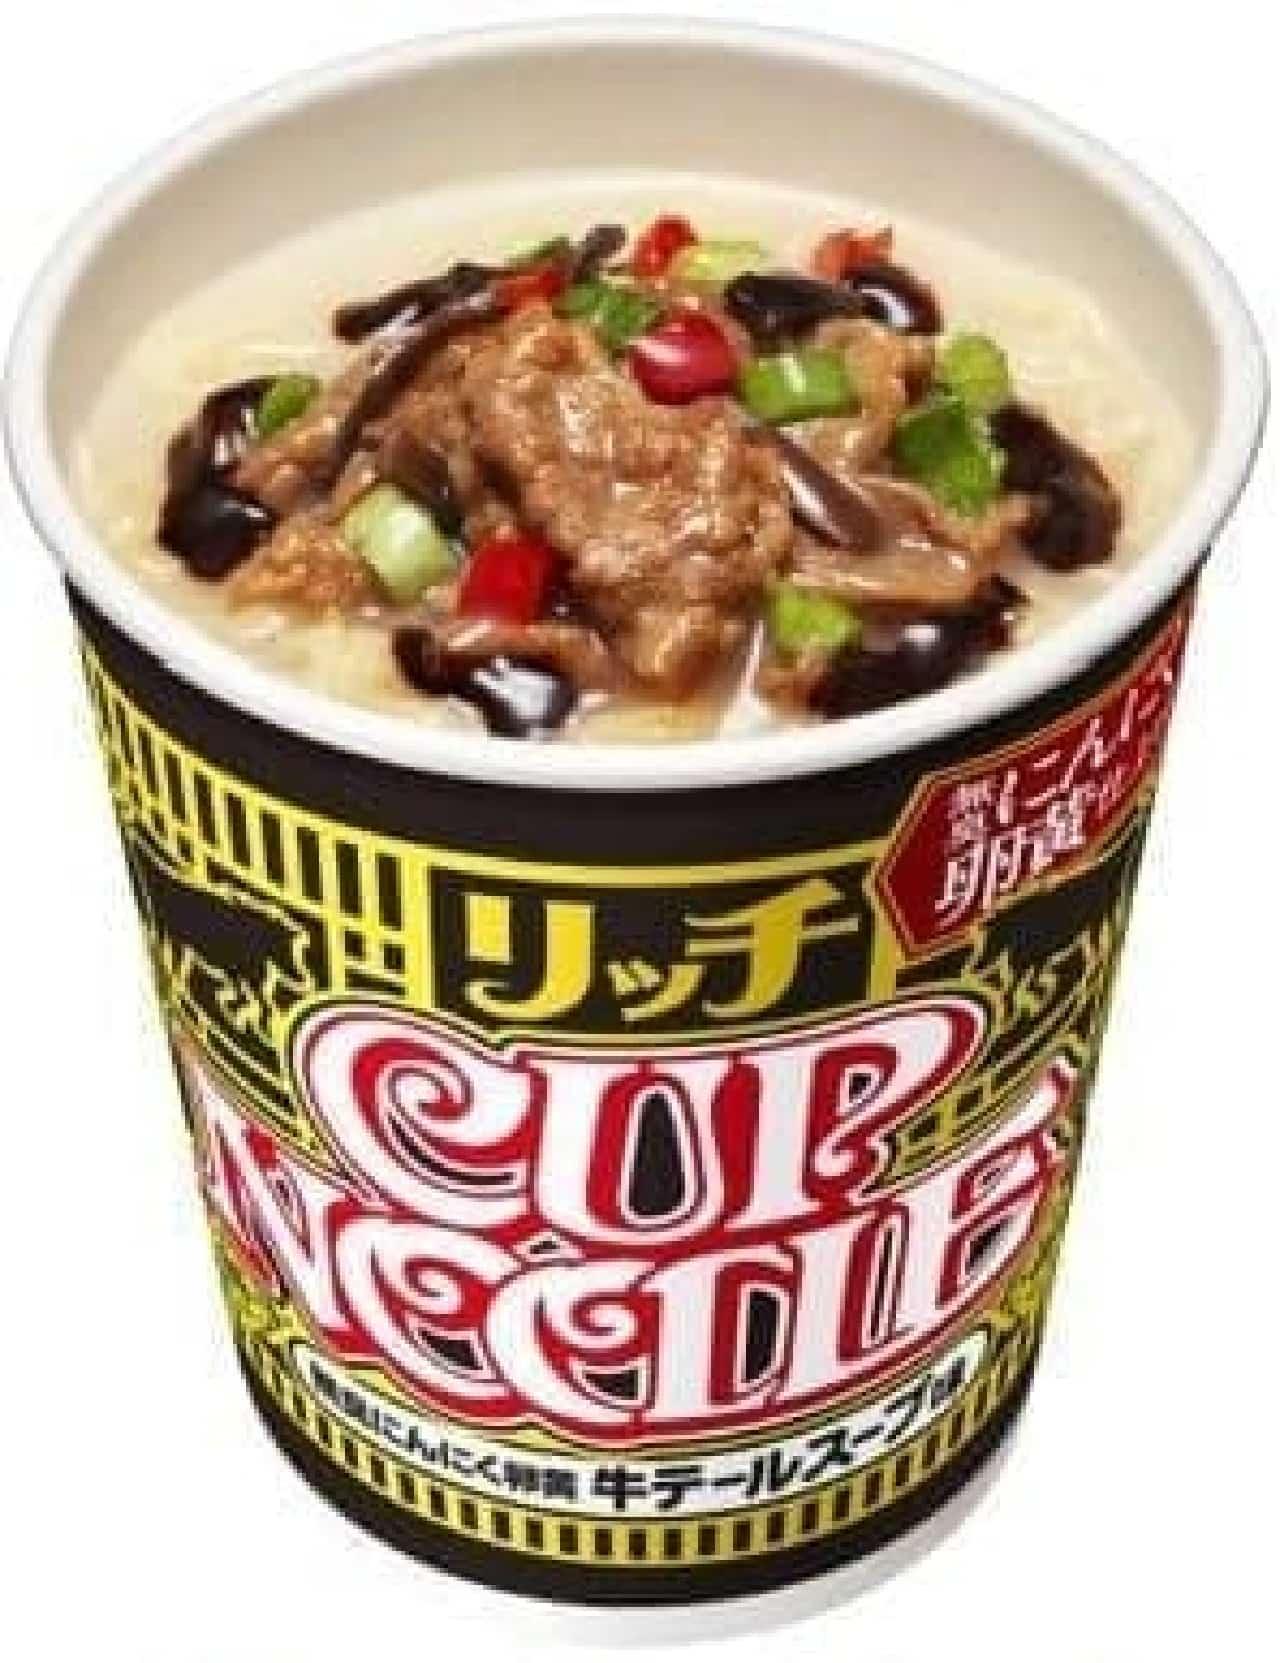 日清食品「カップヌードル リッチ 無臭にんにく卵黄牛テールスープ味」